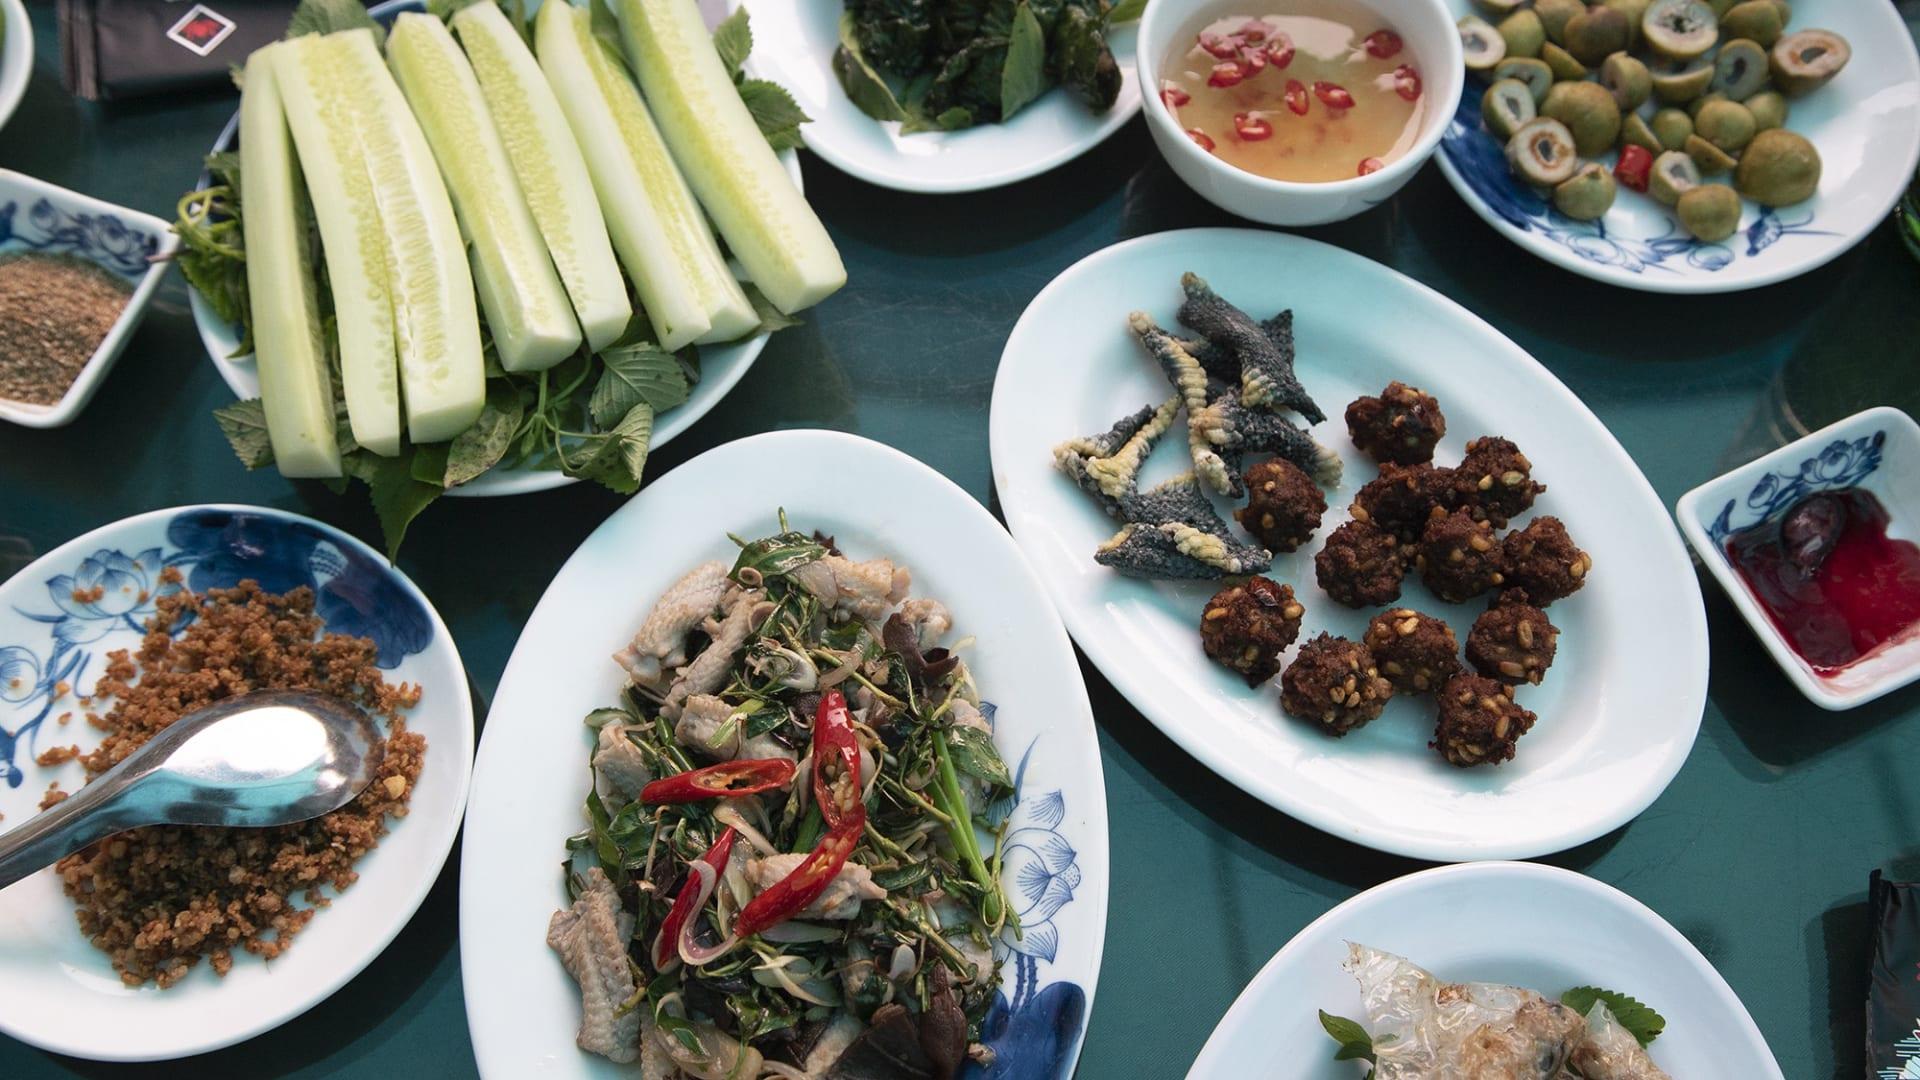 وجبته الأساسية هي الكوبرا..مطعم يقدم وجبات للجرئين فقط